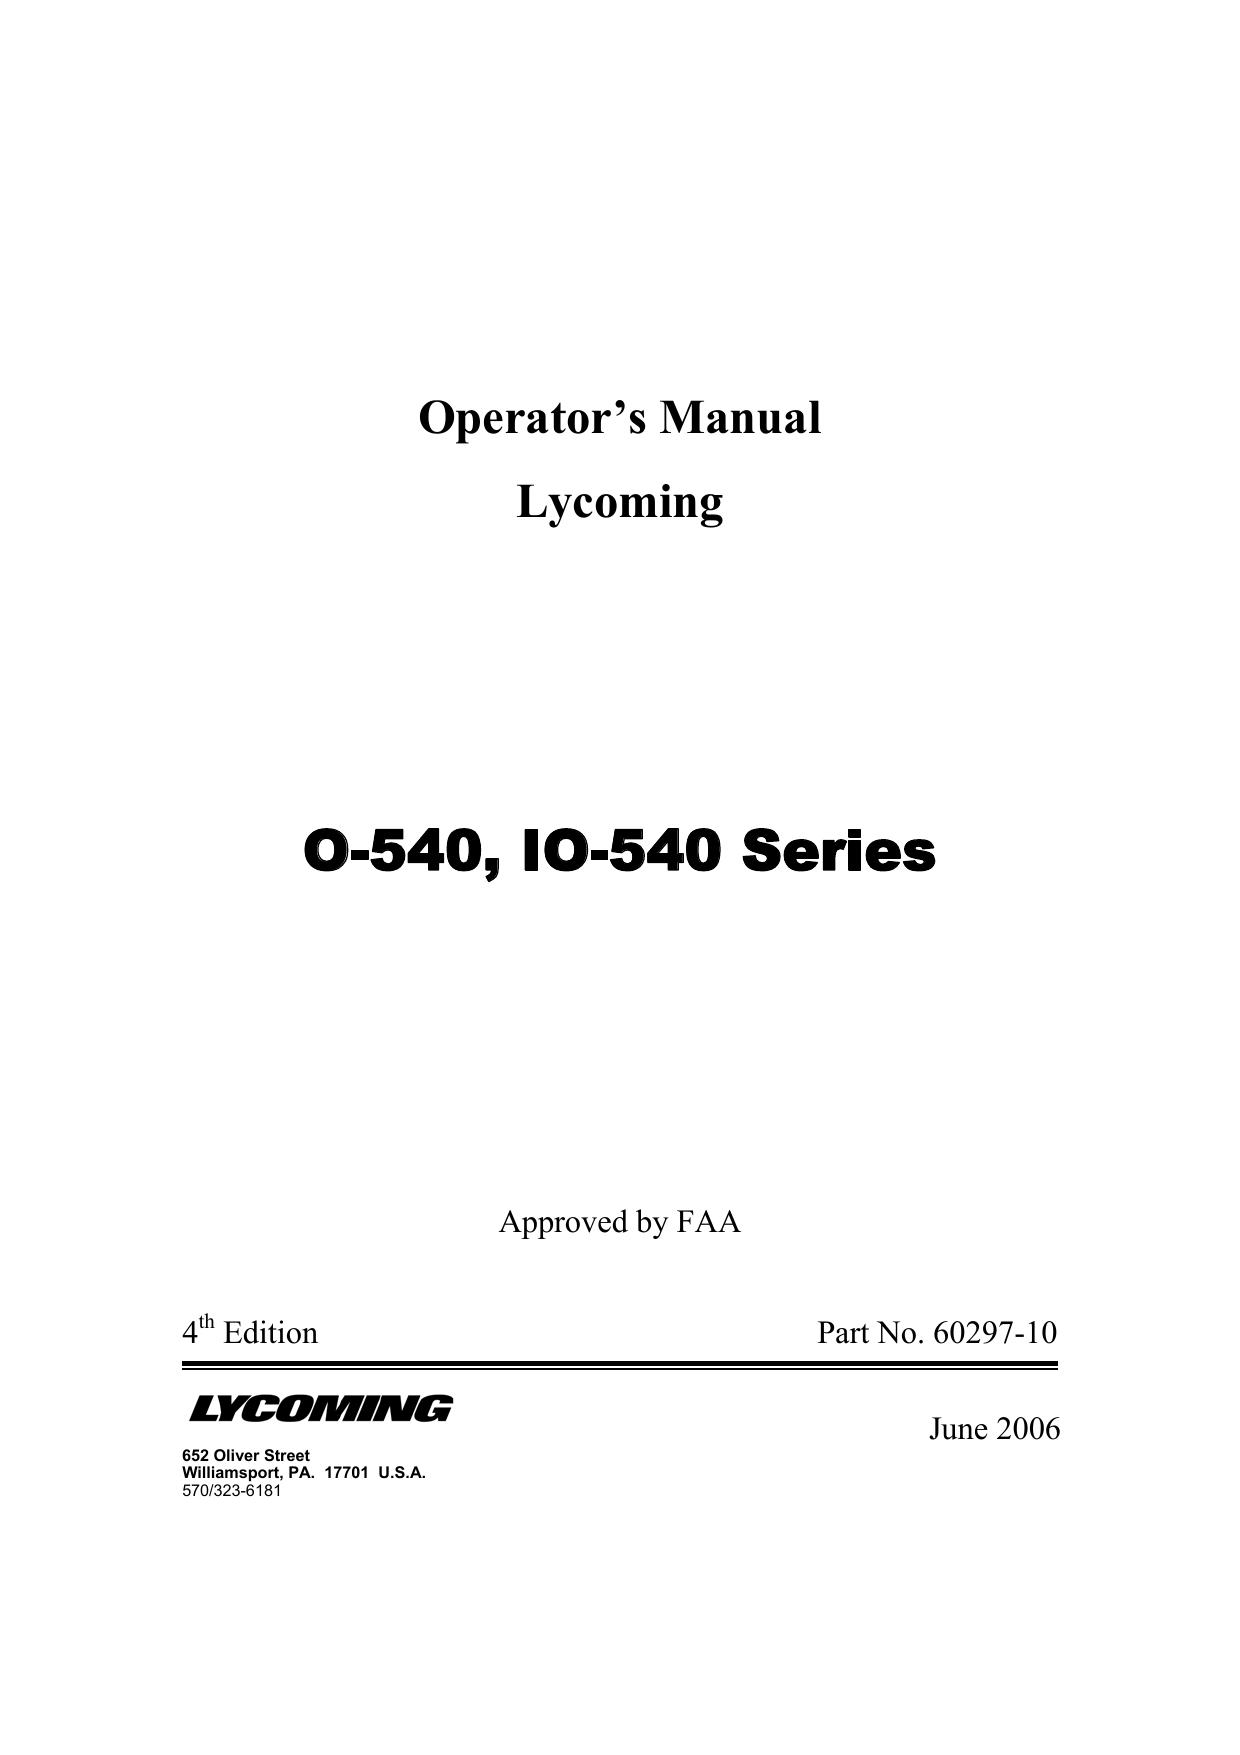 O-540, IO-540 Series | manualzz com